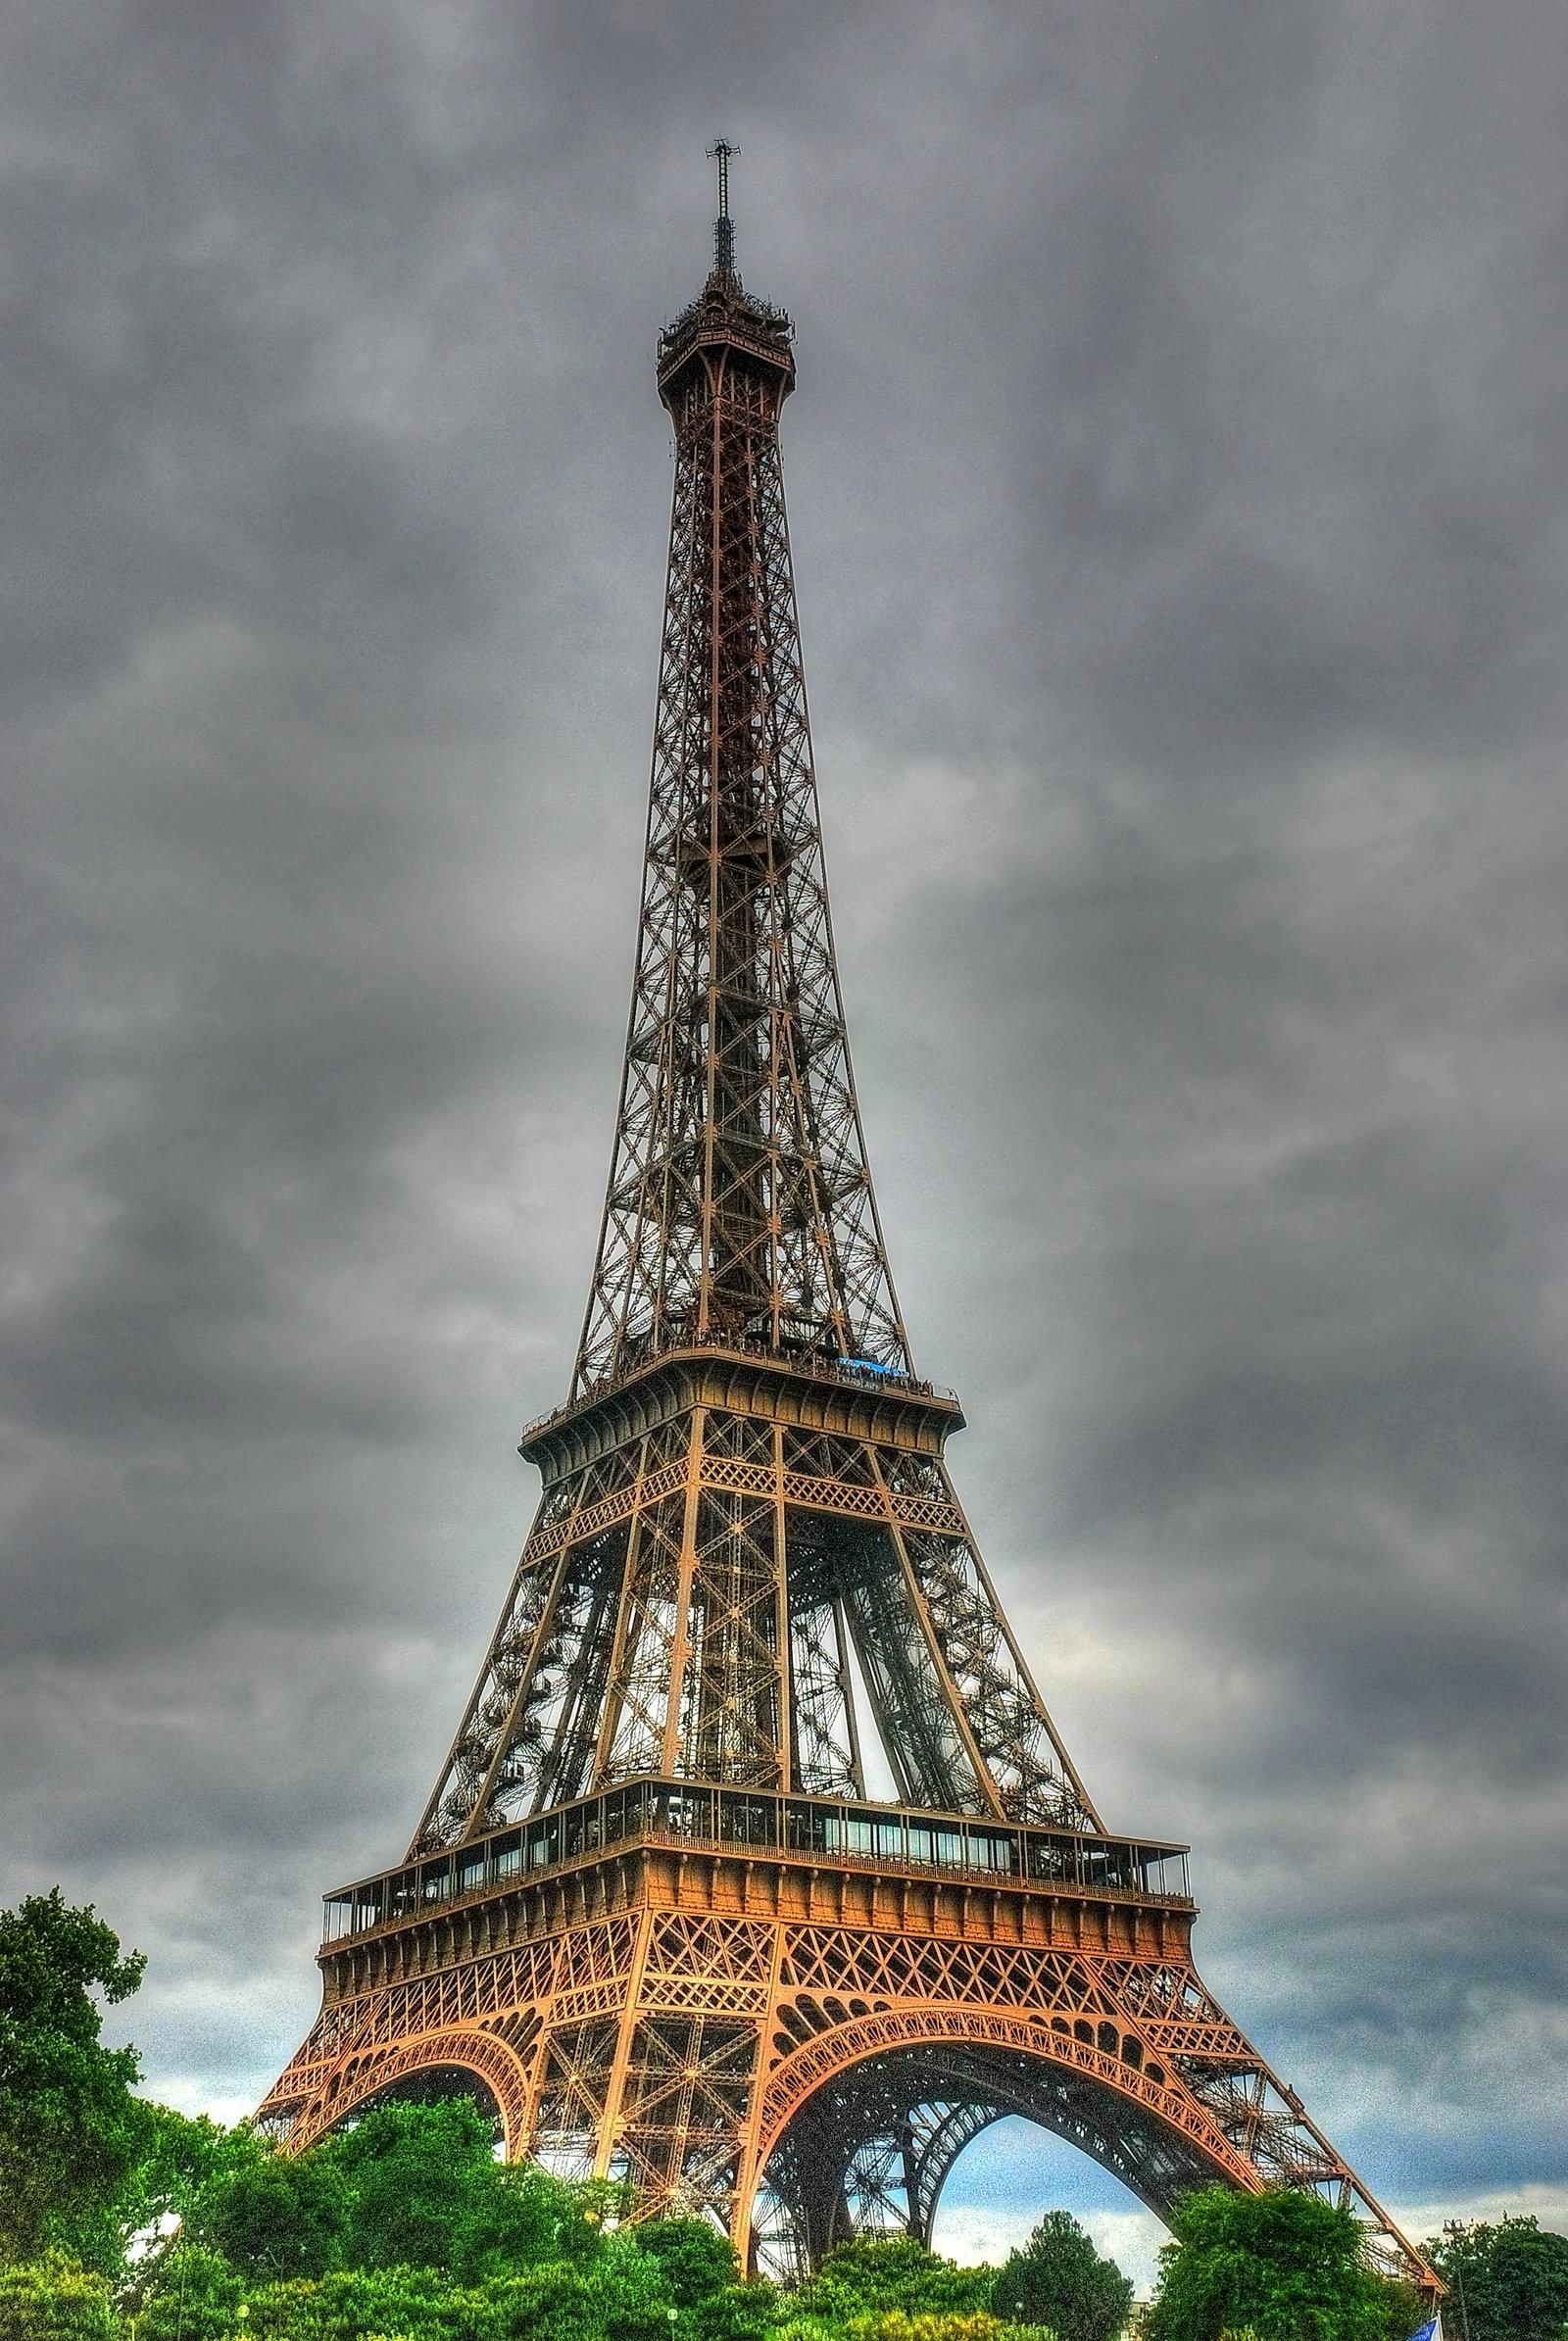 париж эйфелева башня высота Paris Eiffel tower height загрузить